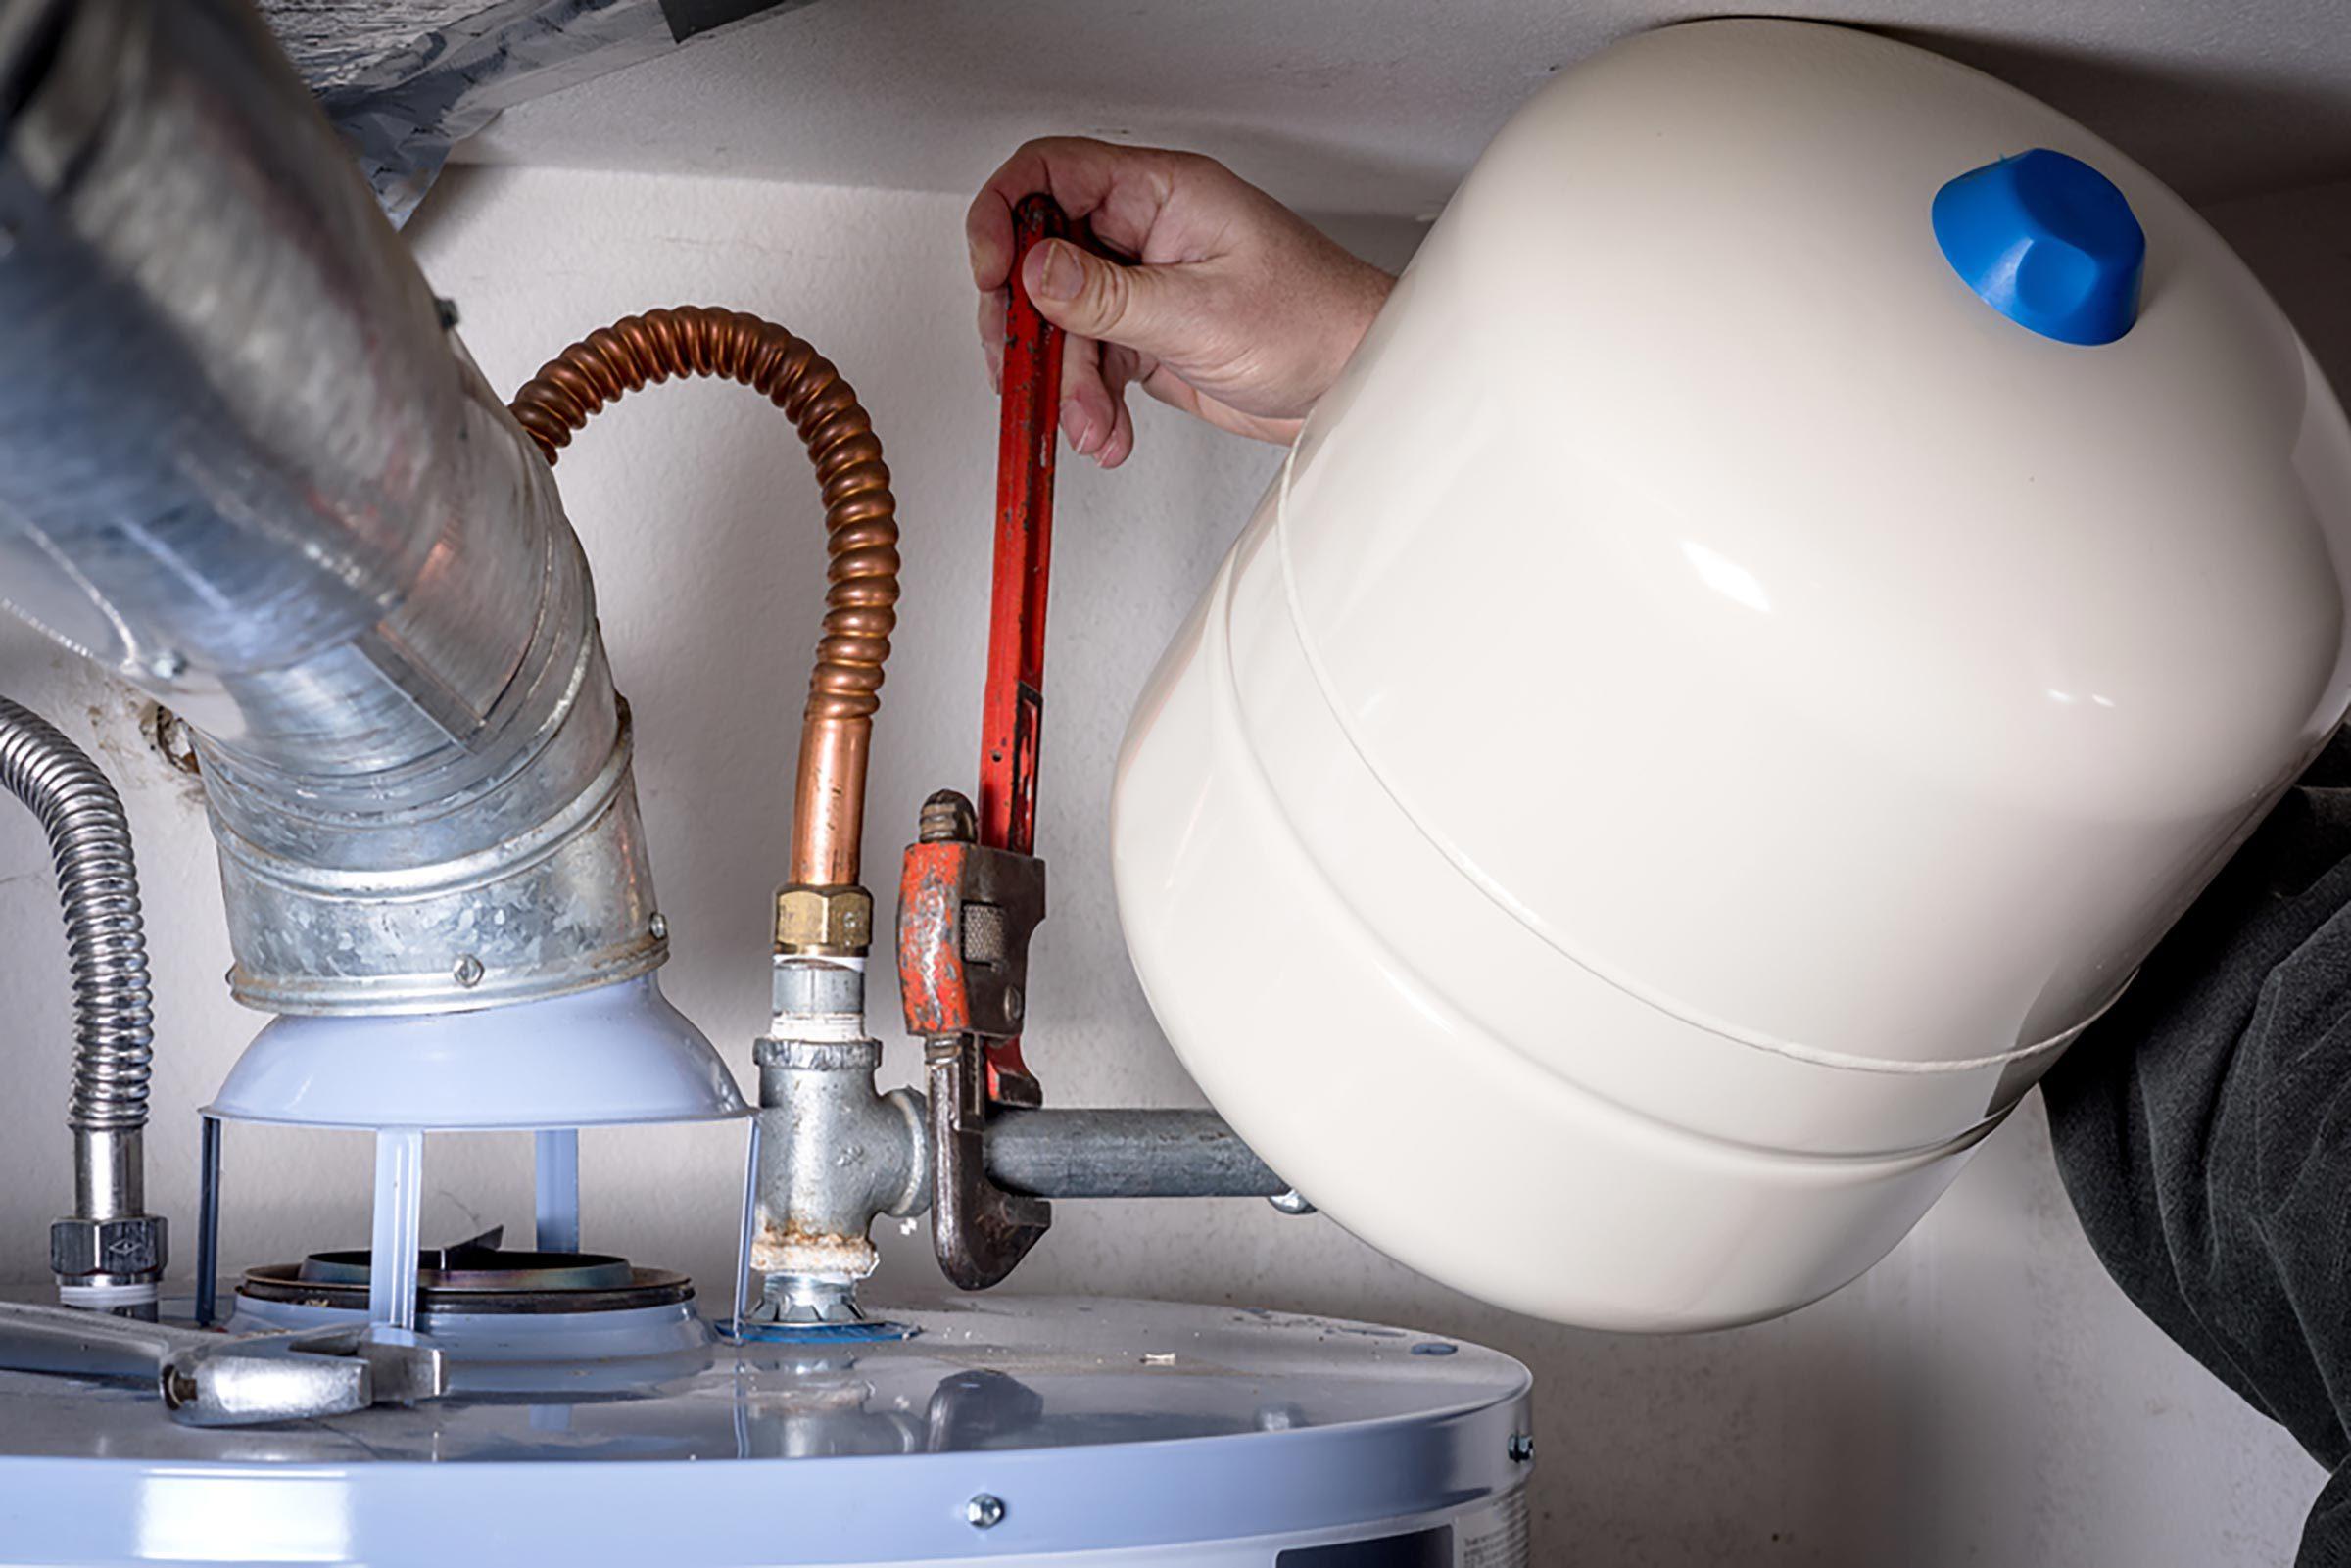 L'espérance de vie d'un réservoir à eau chaude varie de 10 à 15 ans